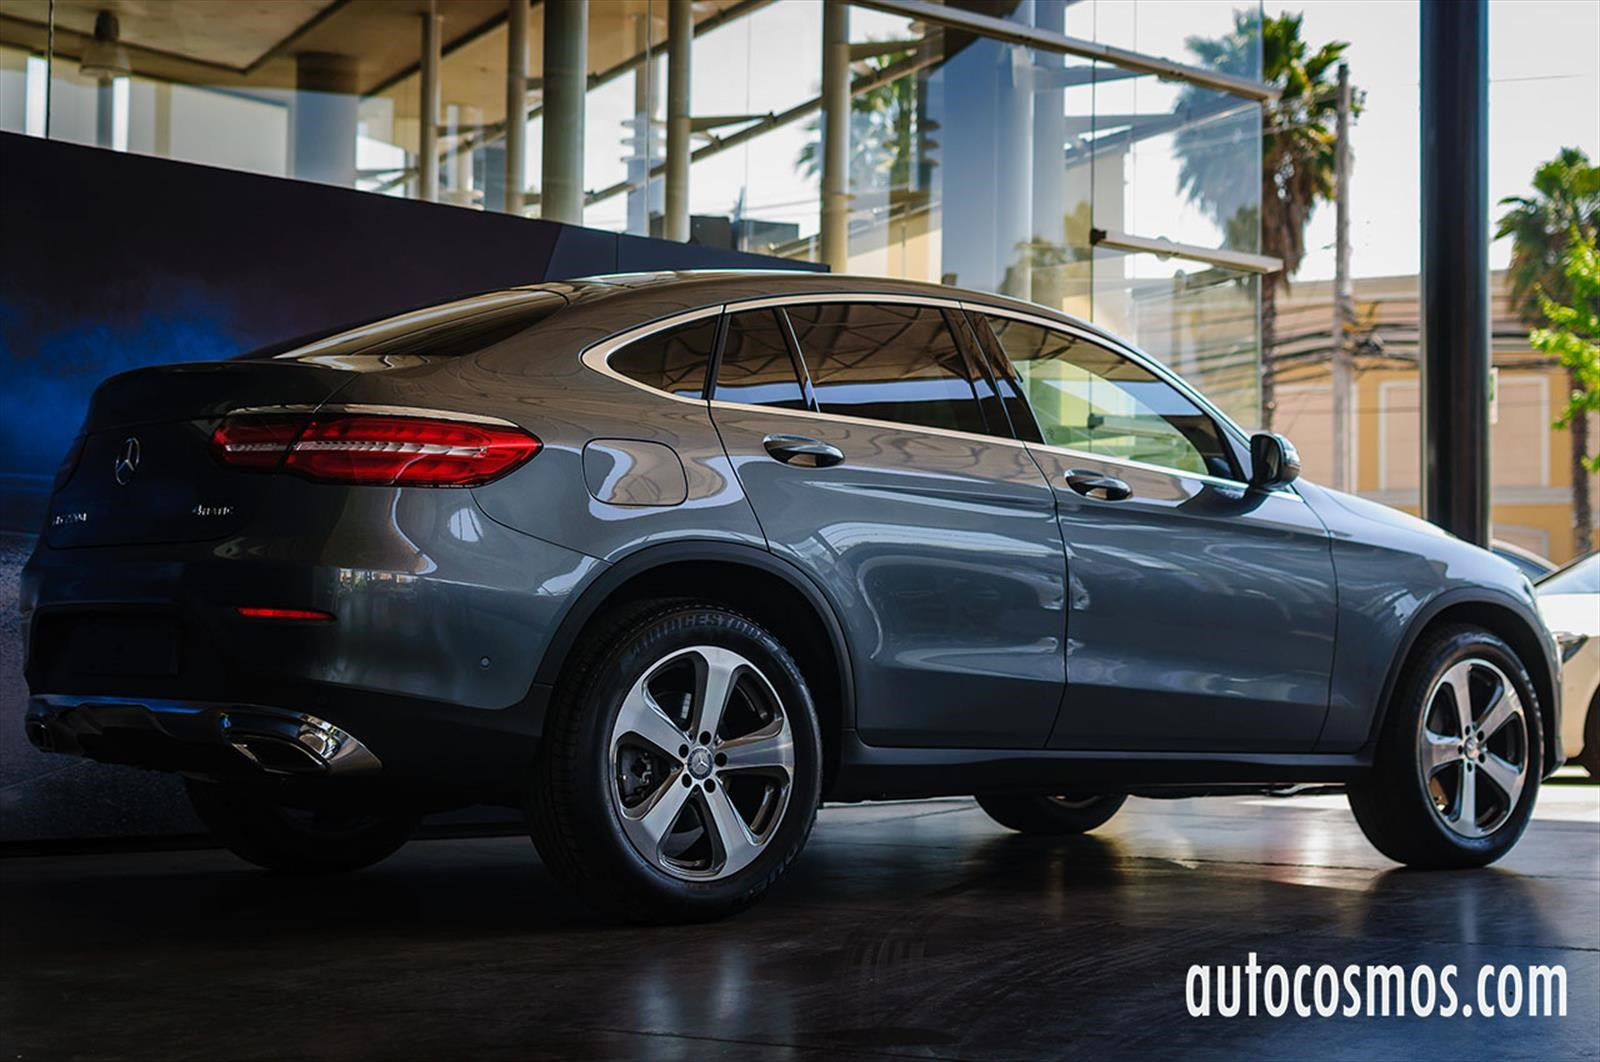 Mercedes glc coup 2017 se pone a la venta for Mercedes benz glc precio